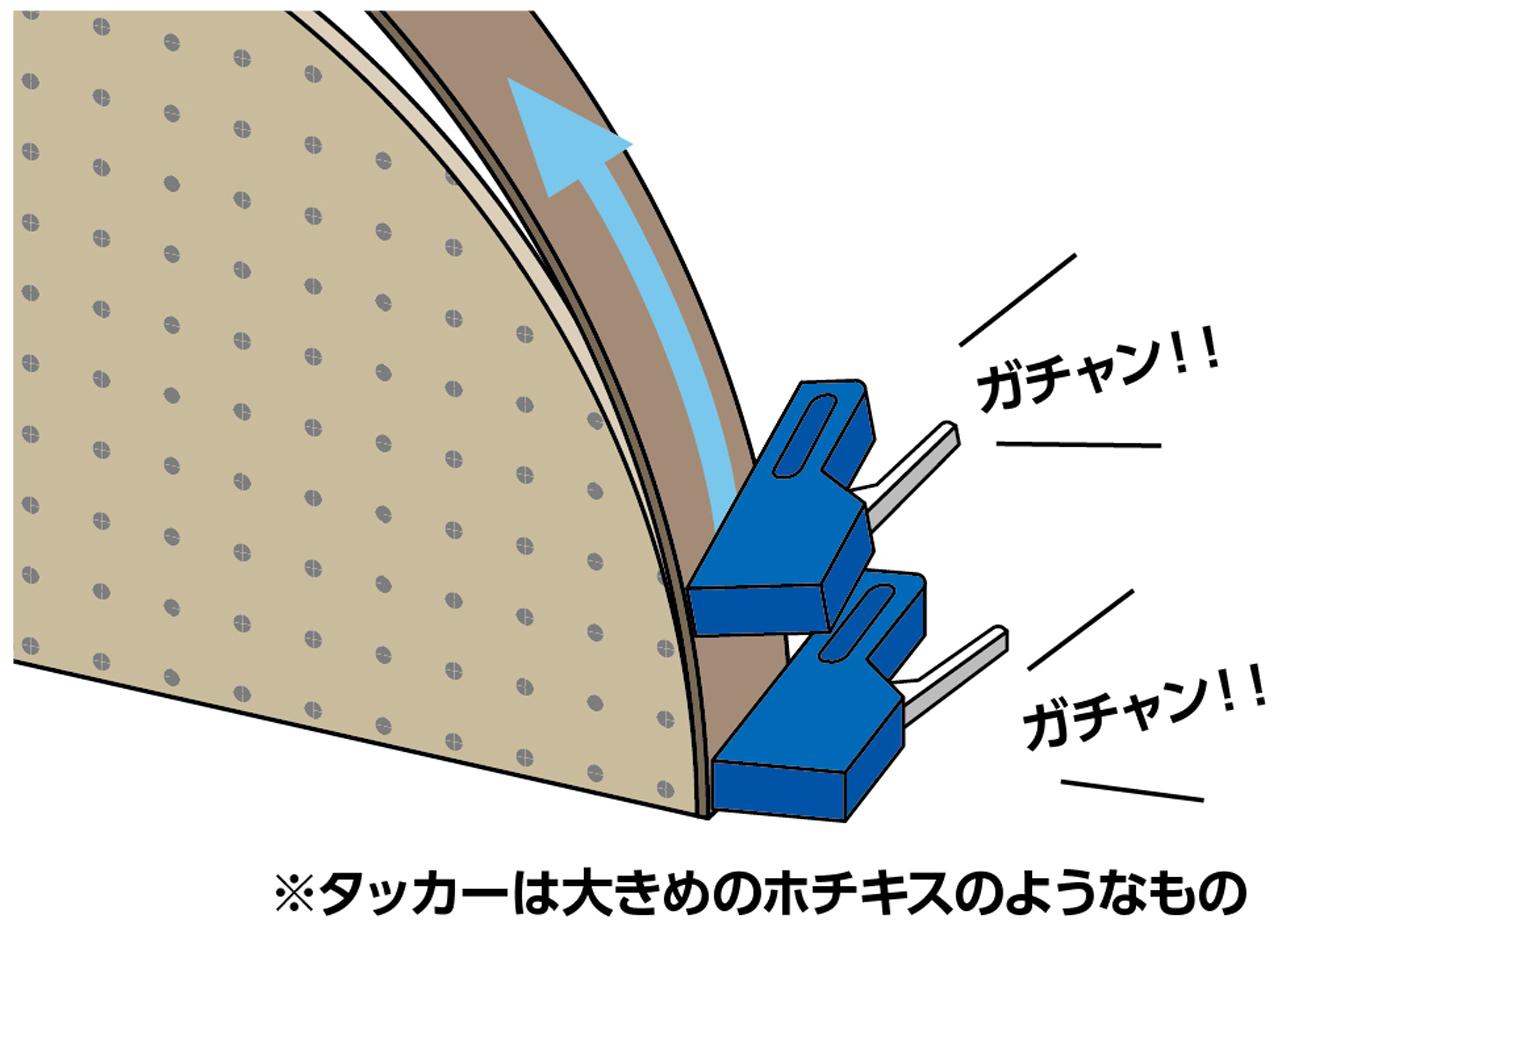 アーチ部分の工夫③タッカーを使用